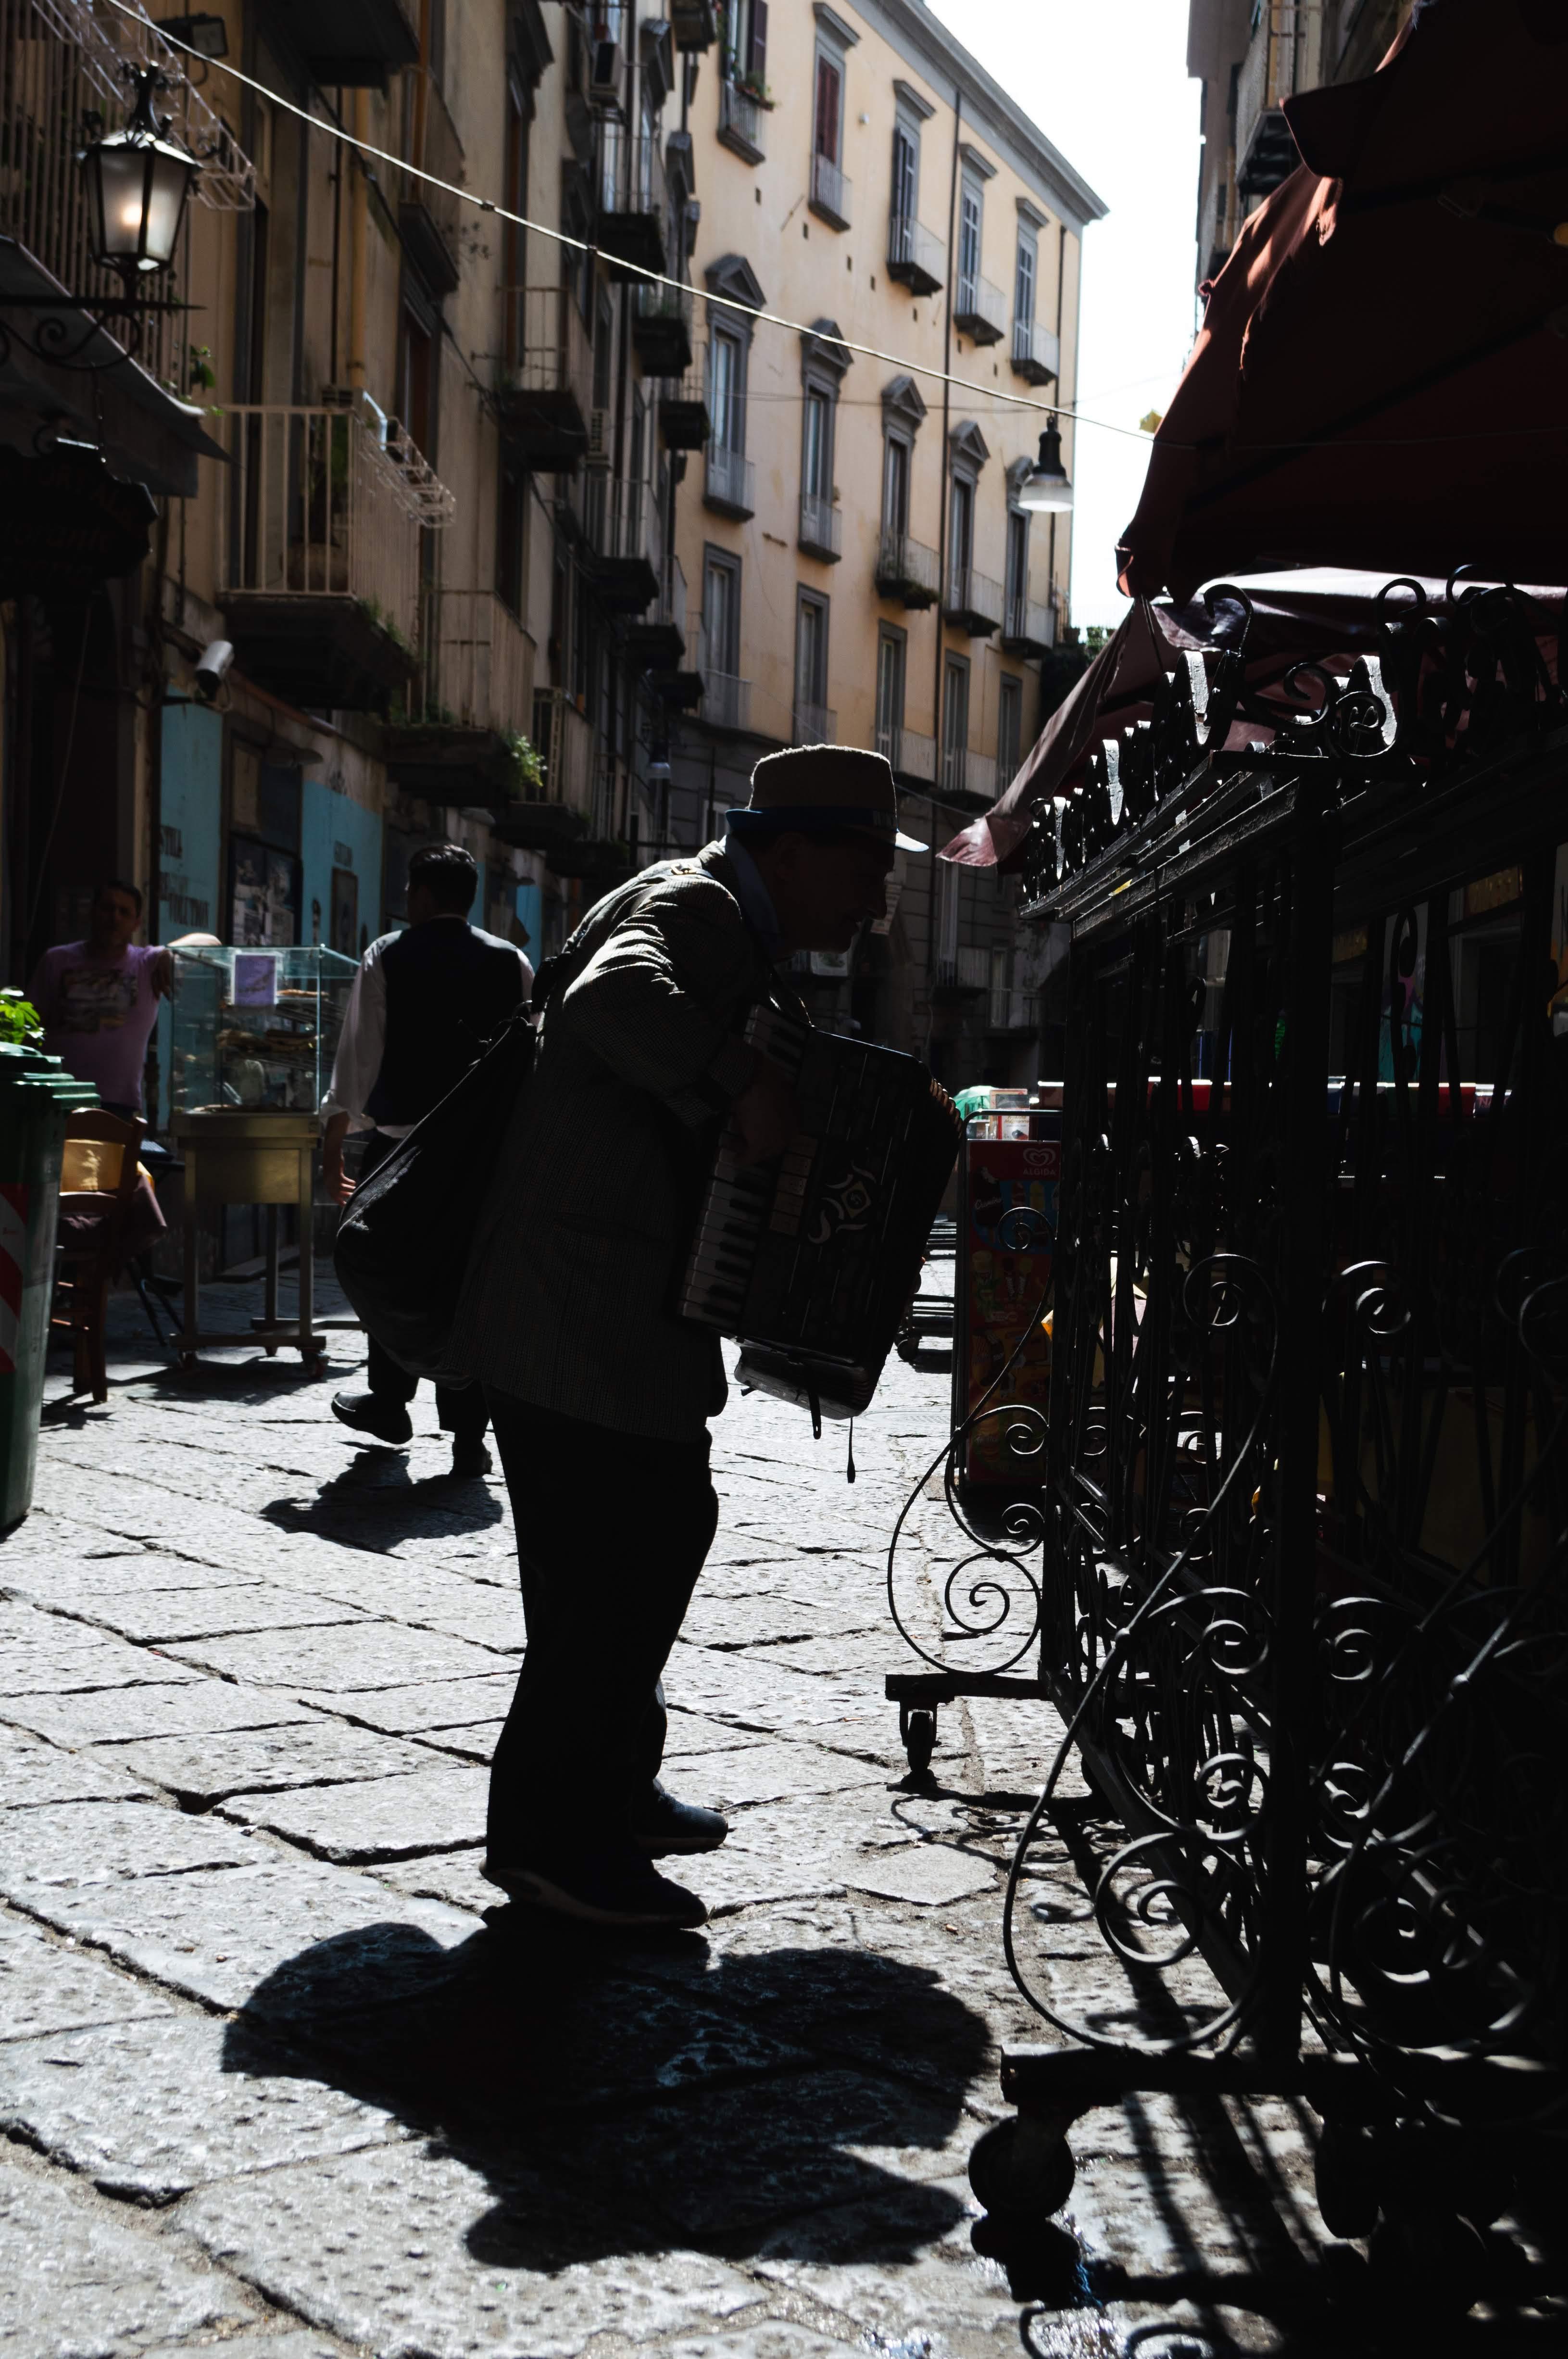 Suonatore a Port'Alba di Simone Scarano